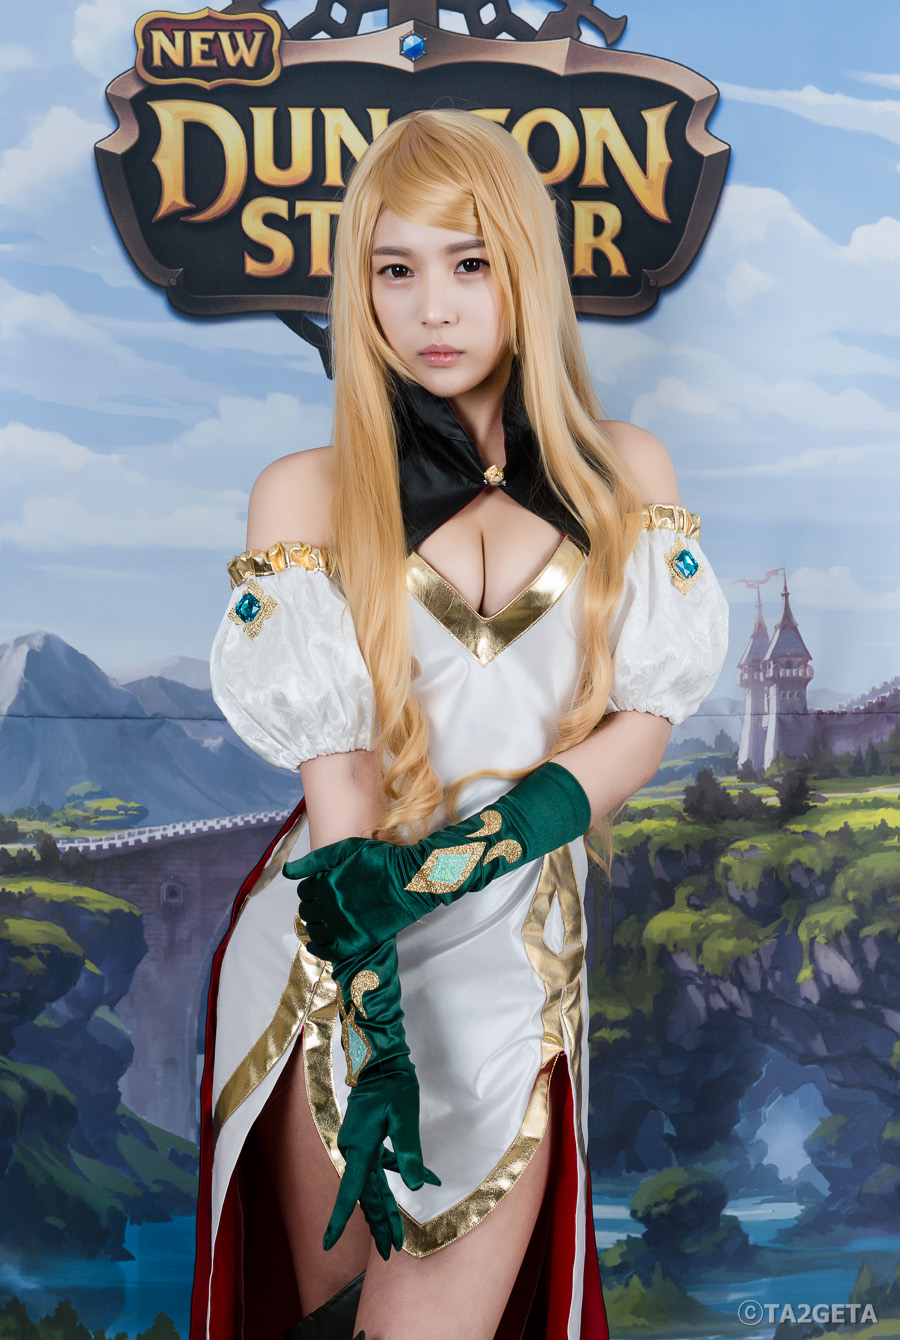 Chảy máu mũi với cosplay New Dungeon Striker - Ảnh 7